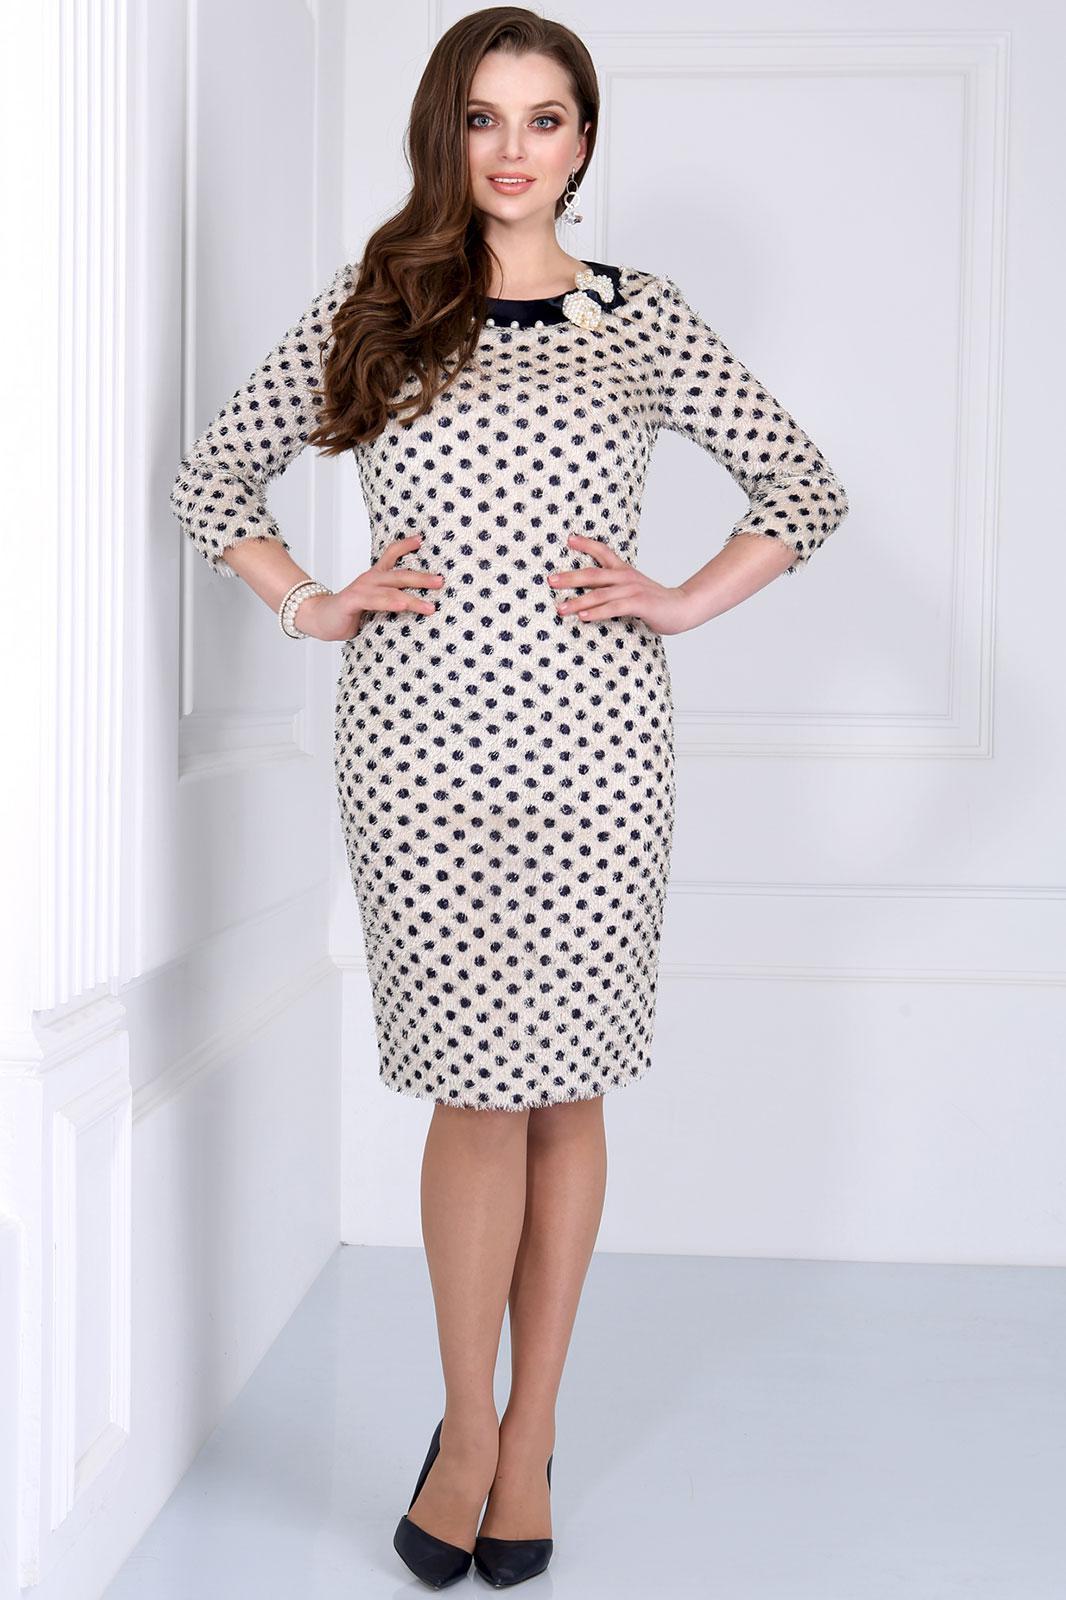 Платье Matini, 31039 горохи на светлом, Беларусь  - купить со скидкой